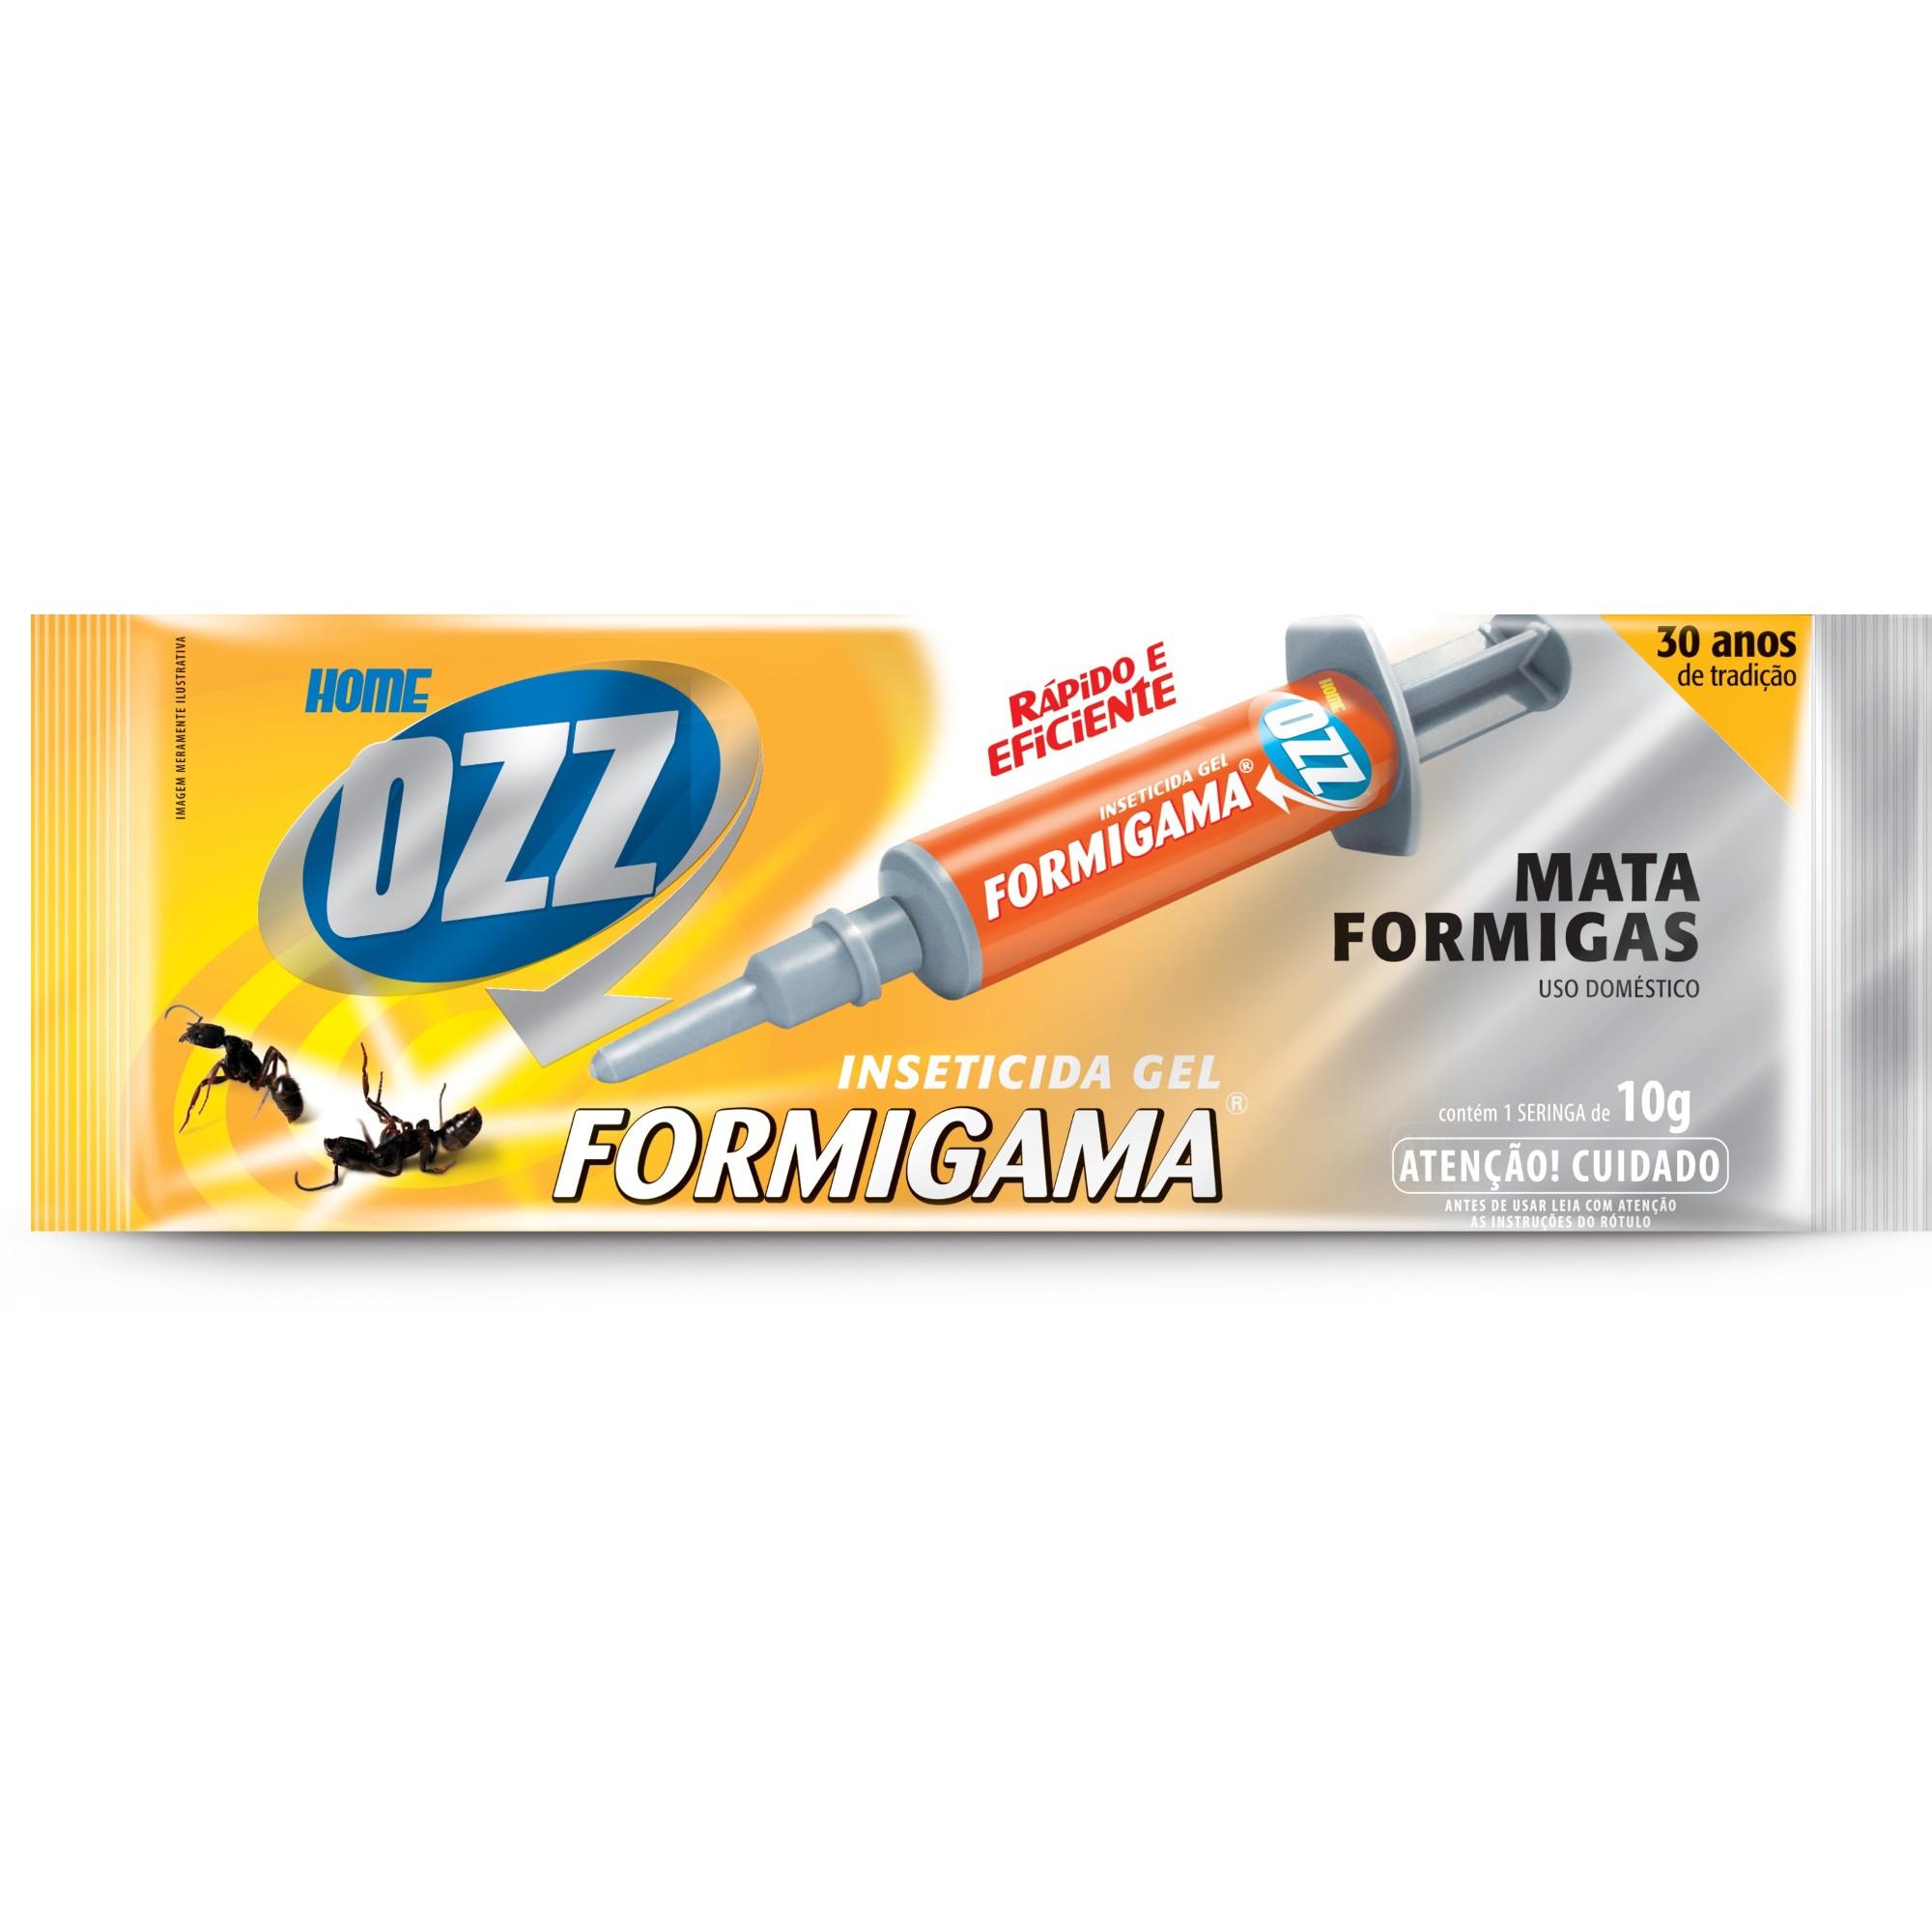 Veneno Inseticida Formigama Gel 10g 085 - Ozz